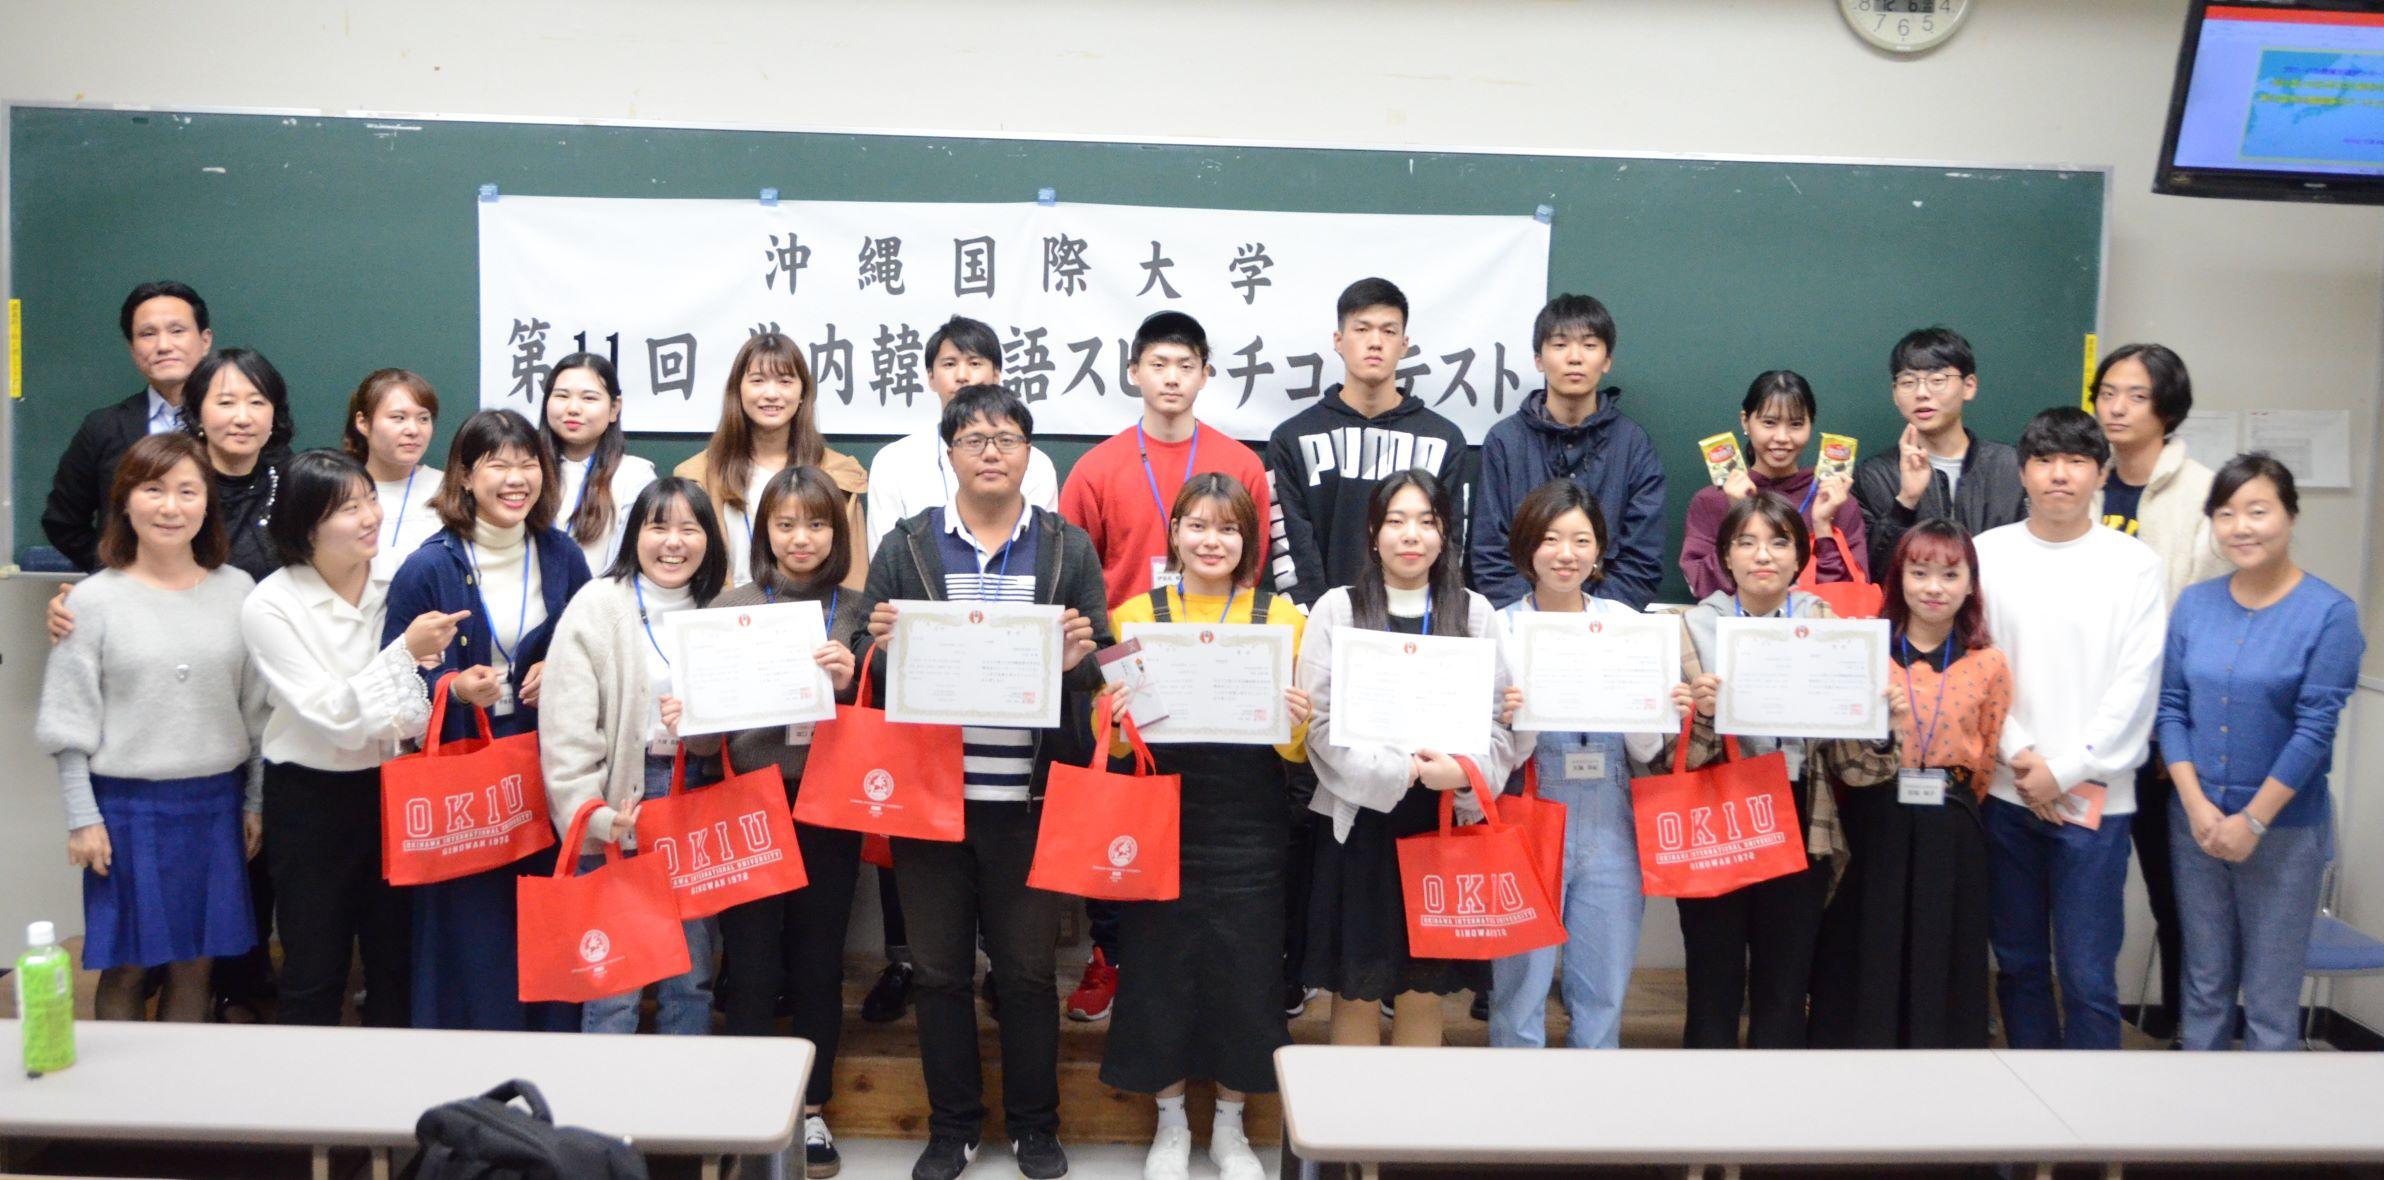 第11回学内韓国語スピーチコンテスト